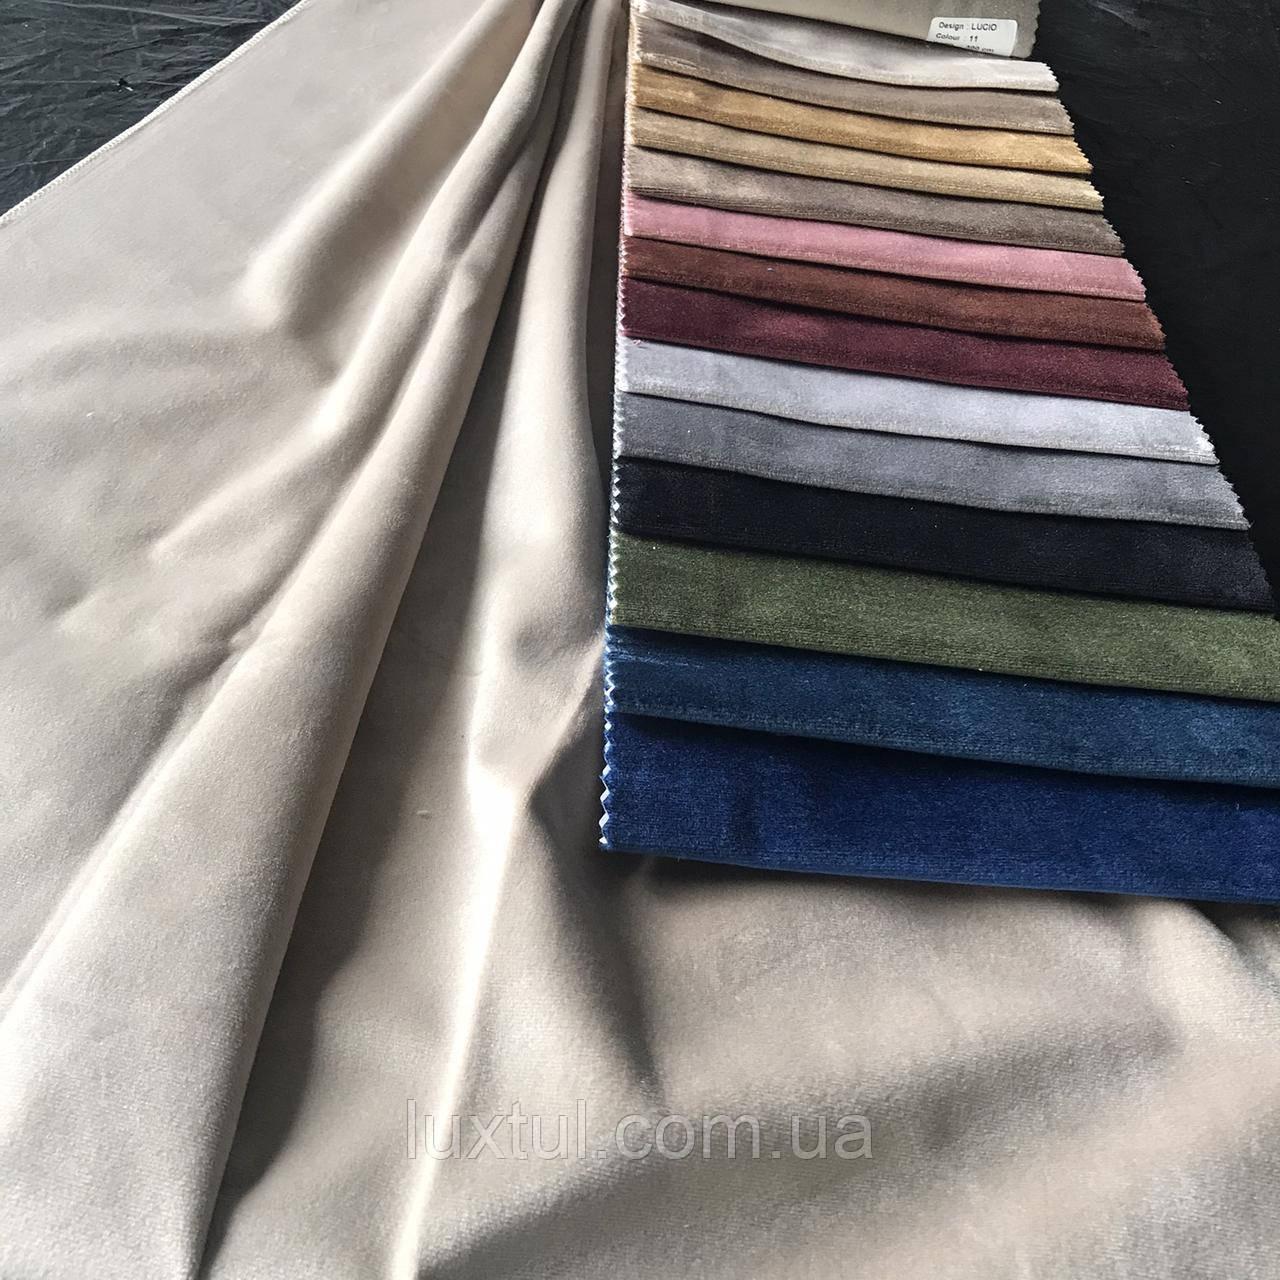 велюр ткань шторы купить